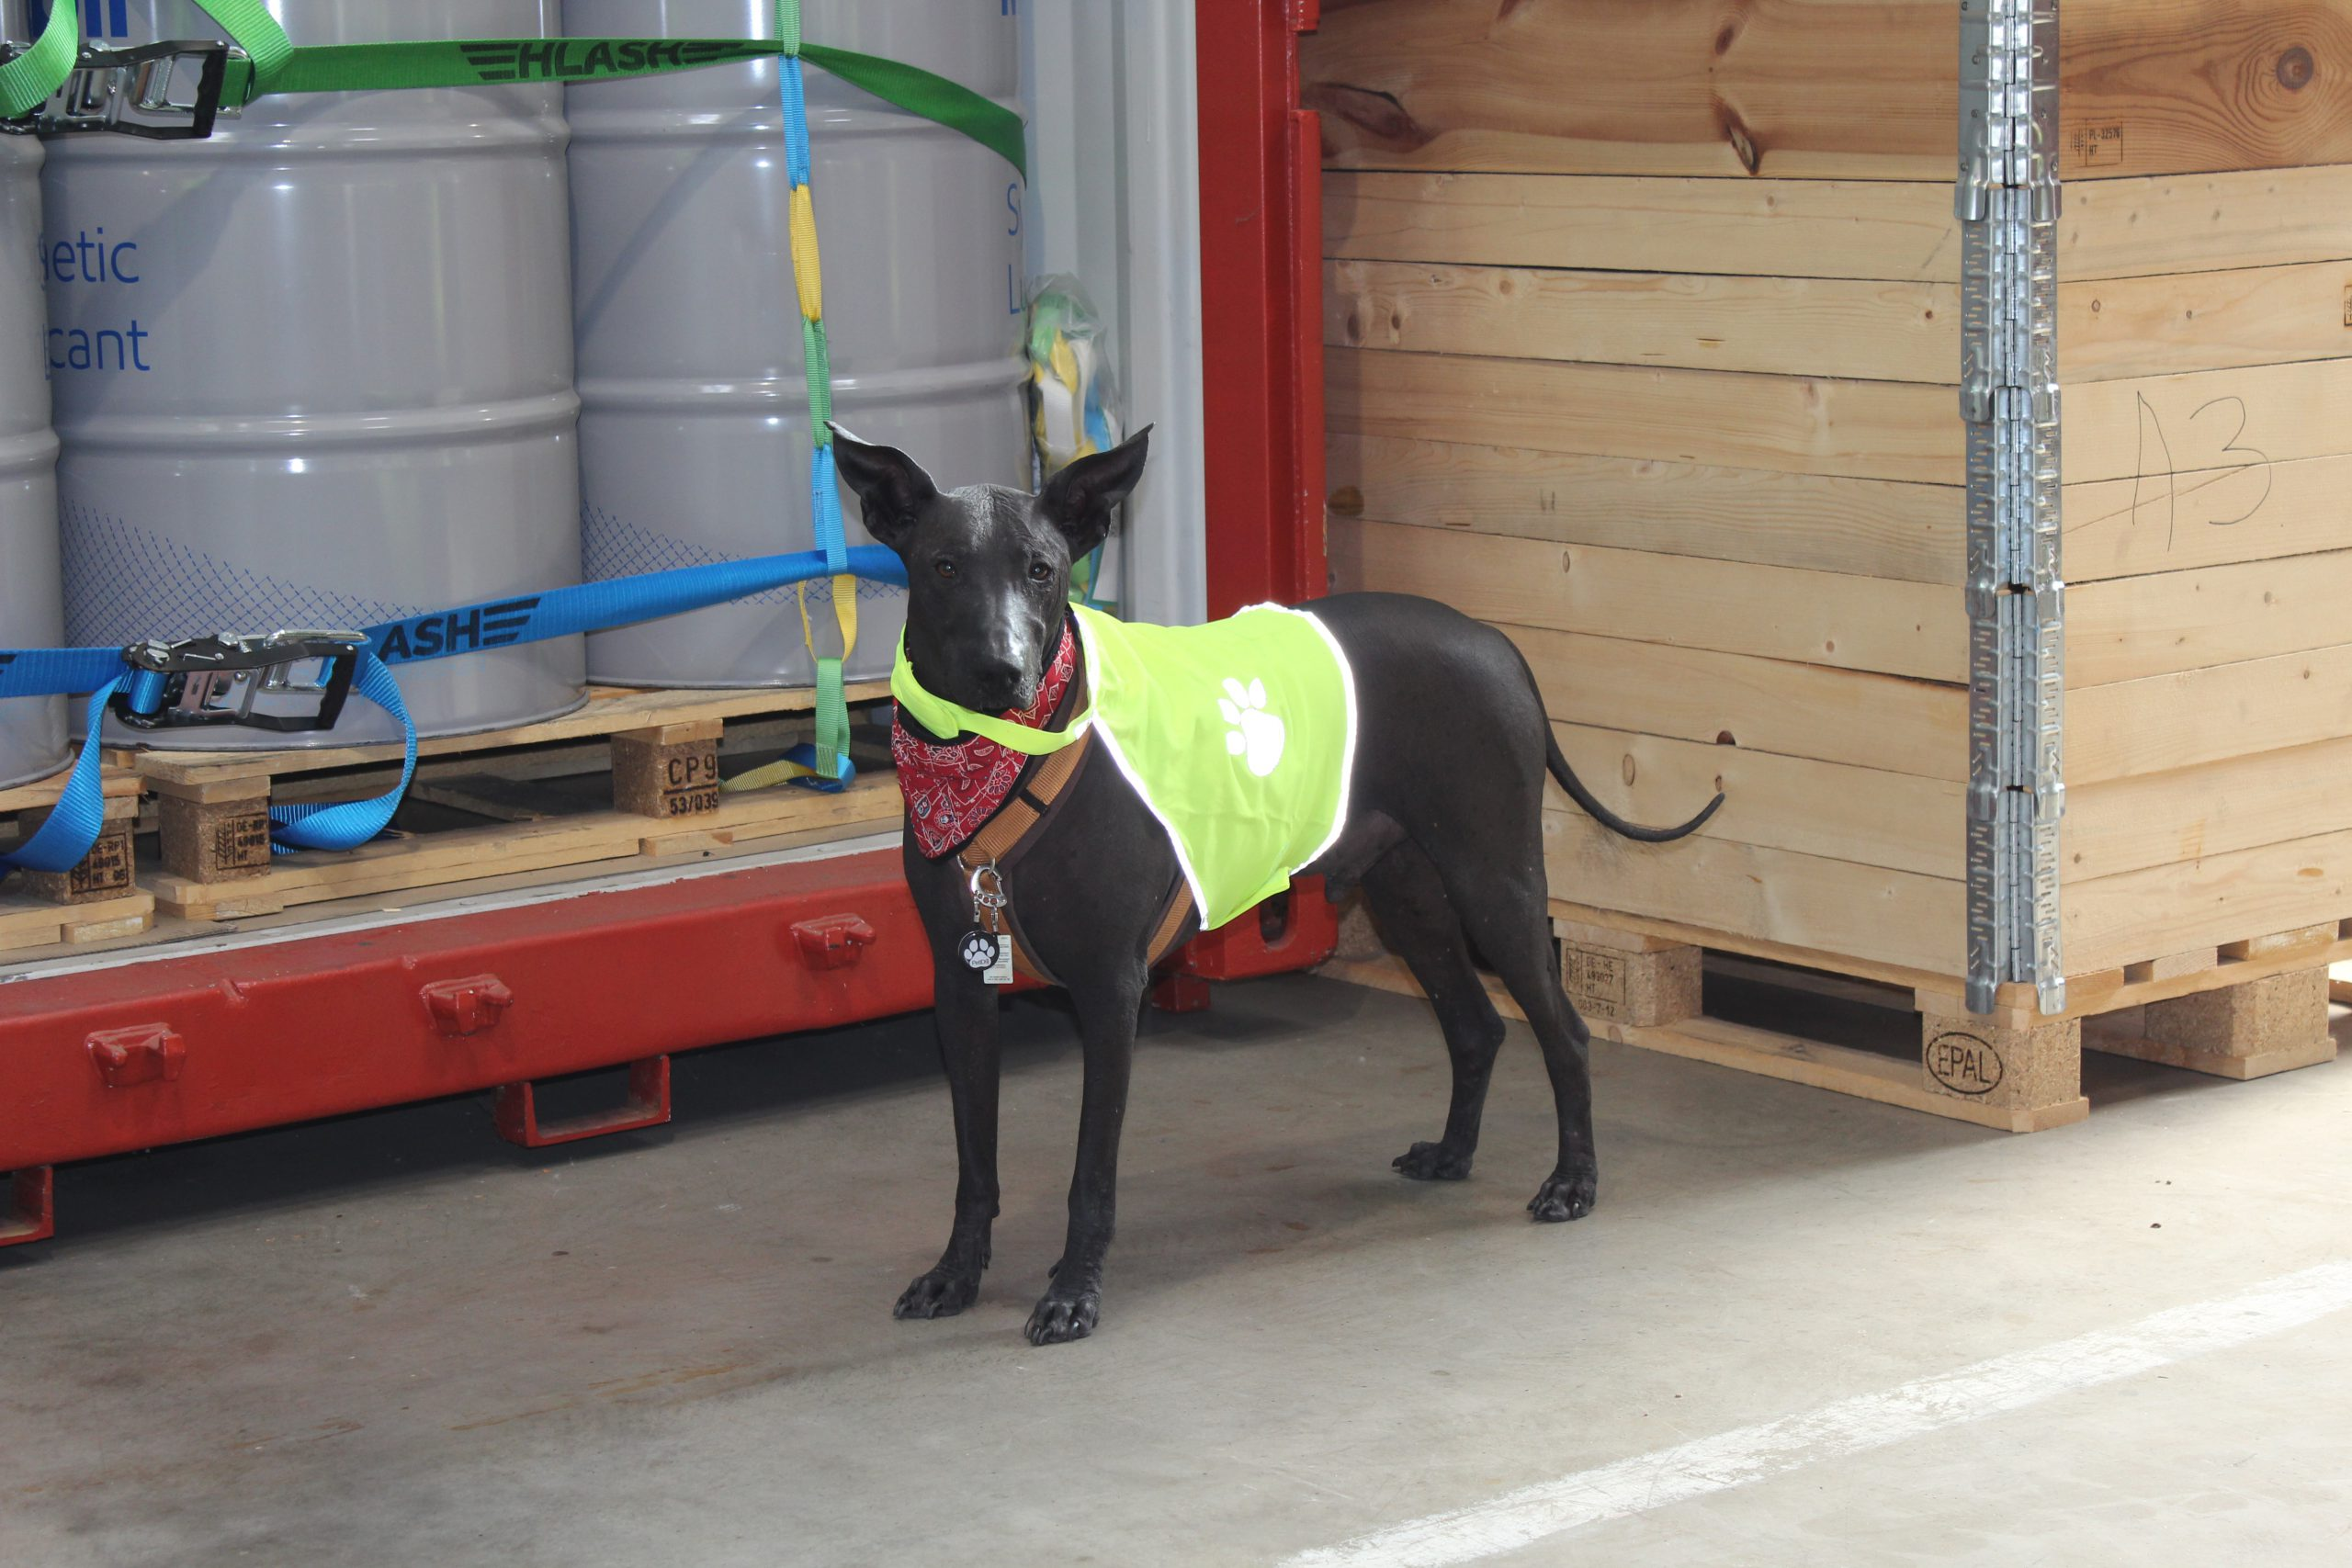 Ein Hund mit gelber Warnweste in einer Halle vor Fässern